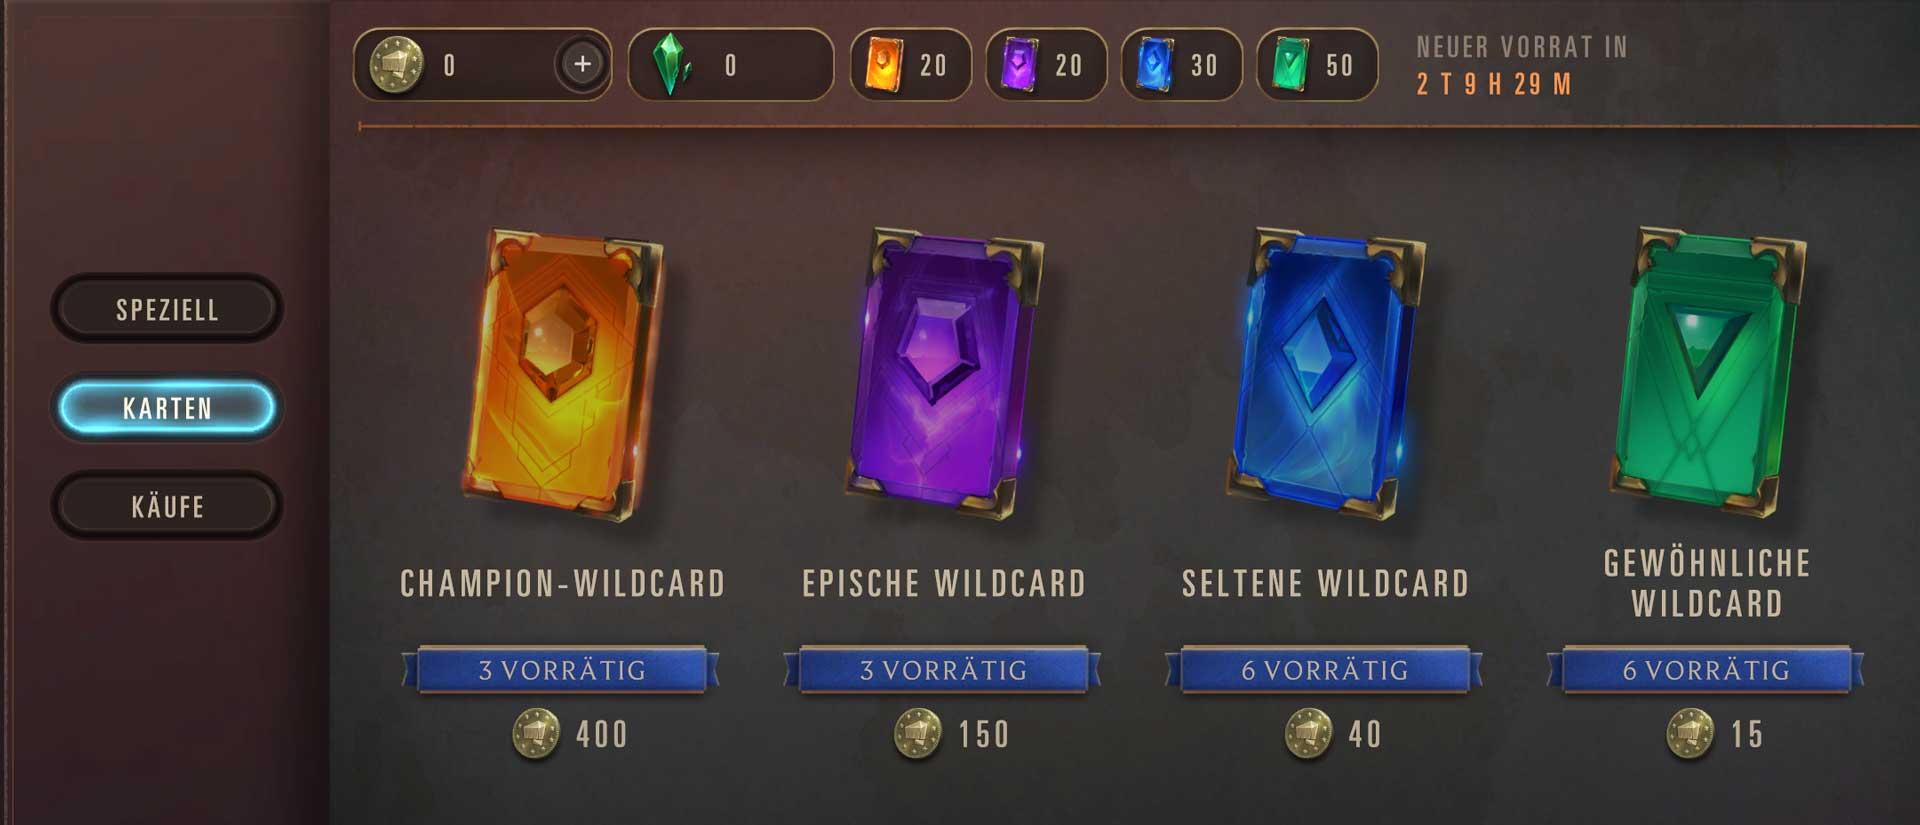 LoR Wildcards